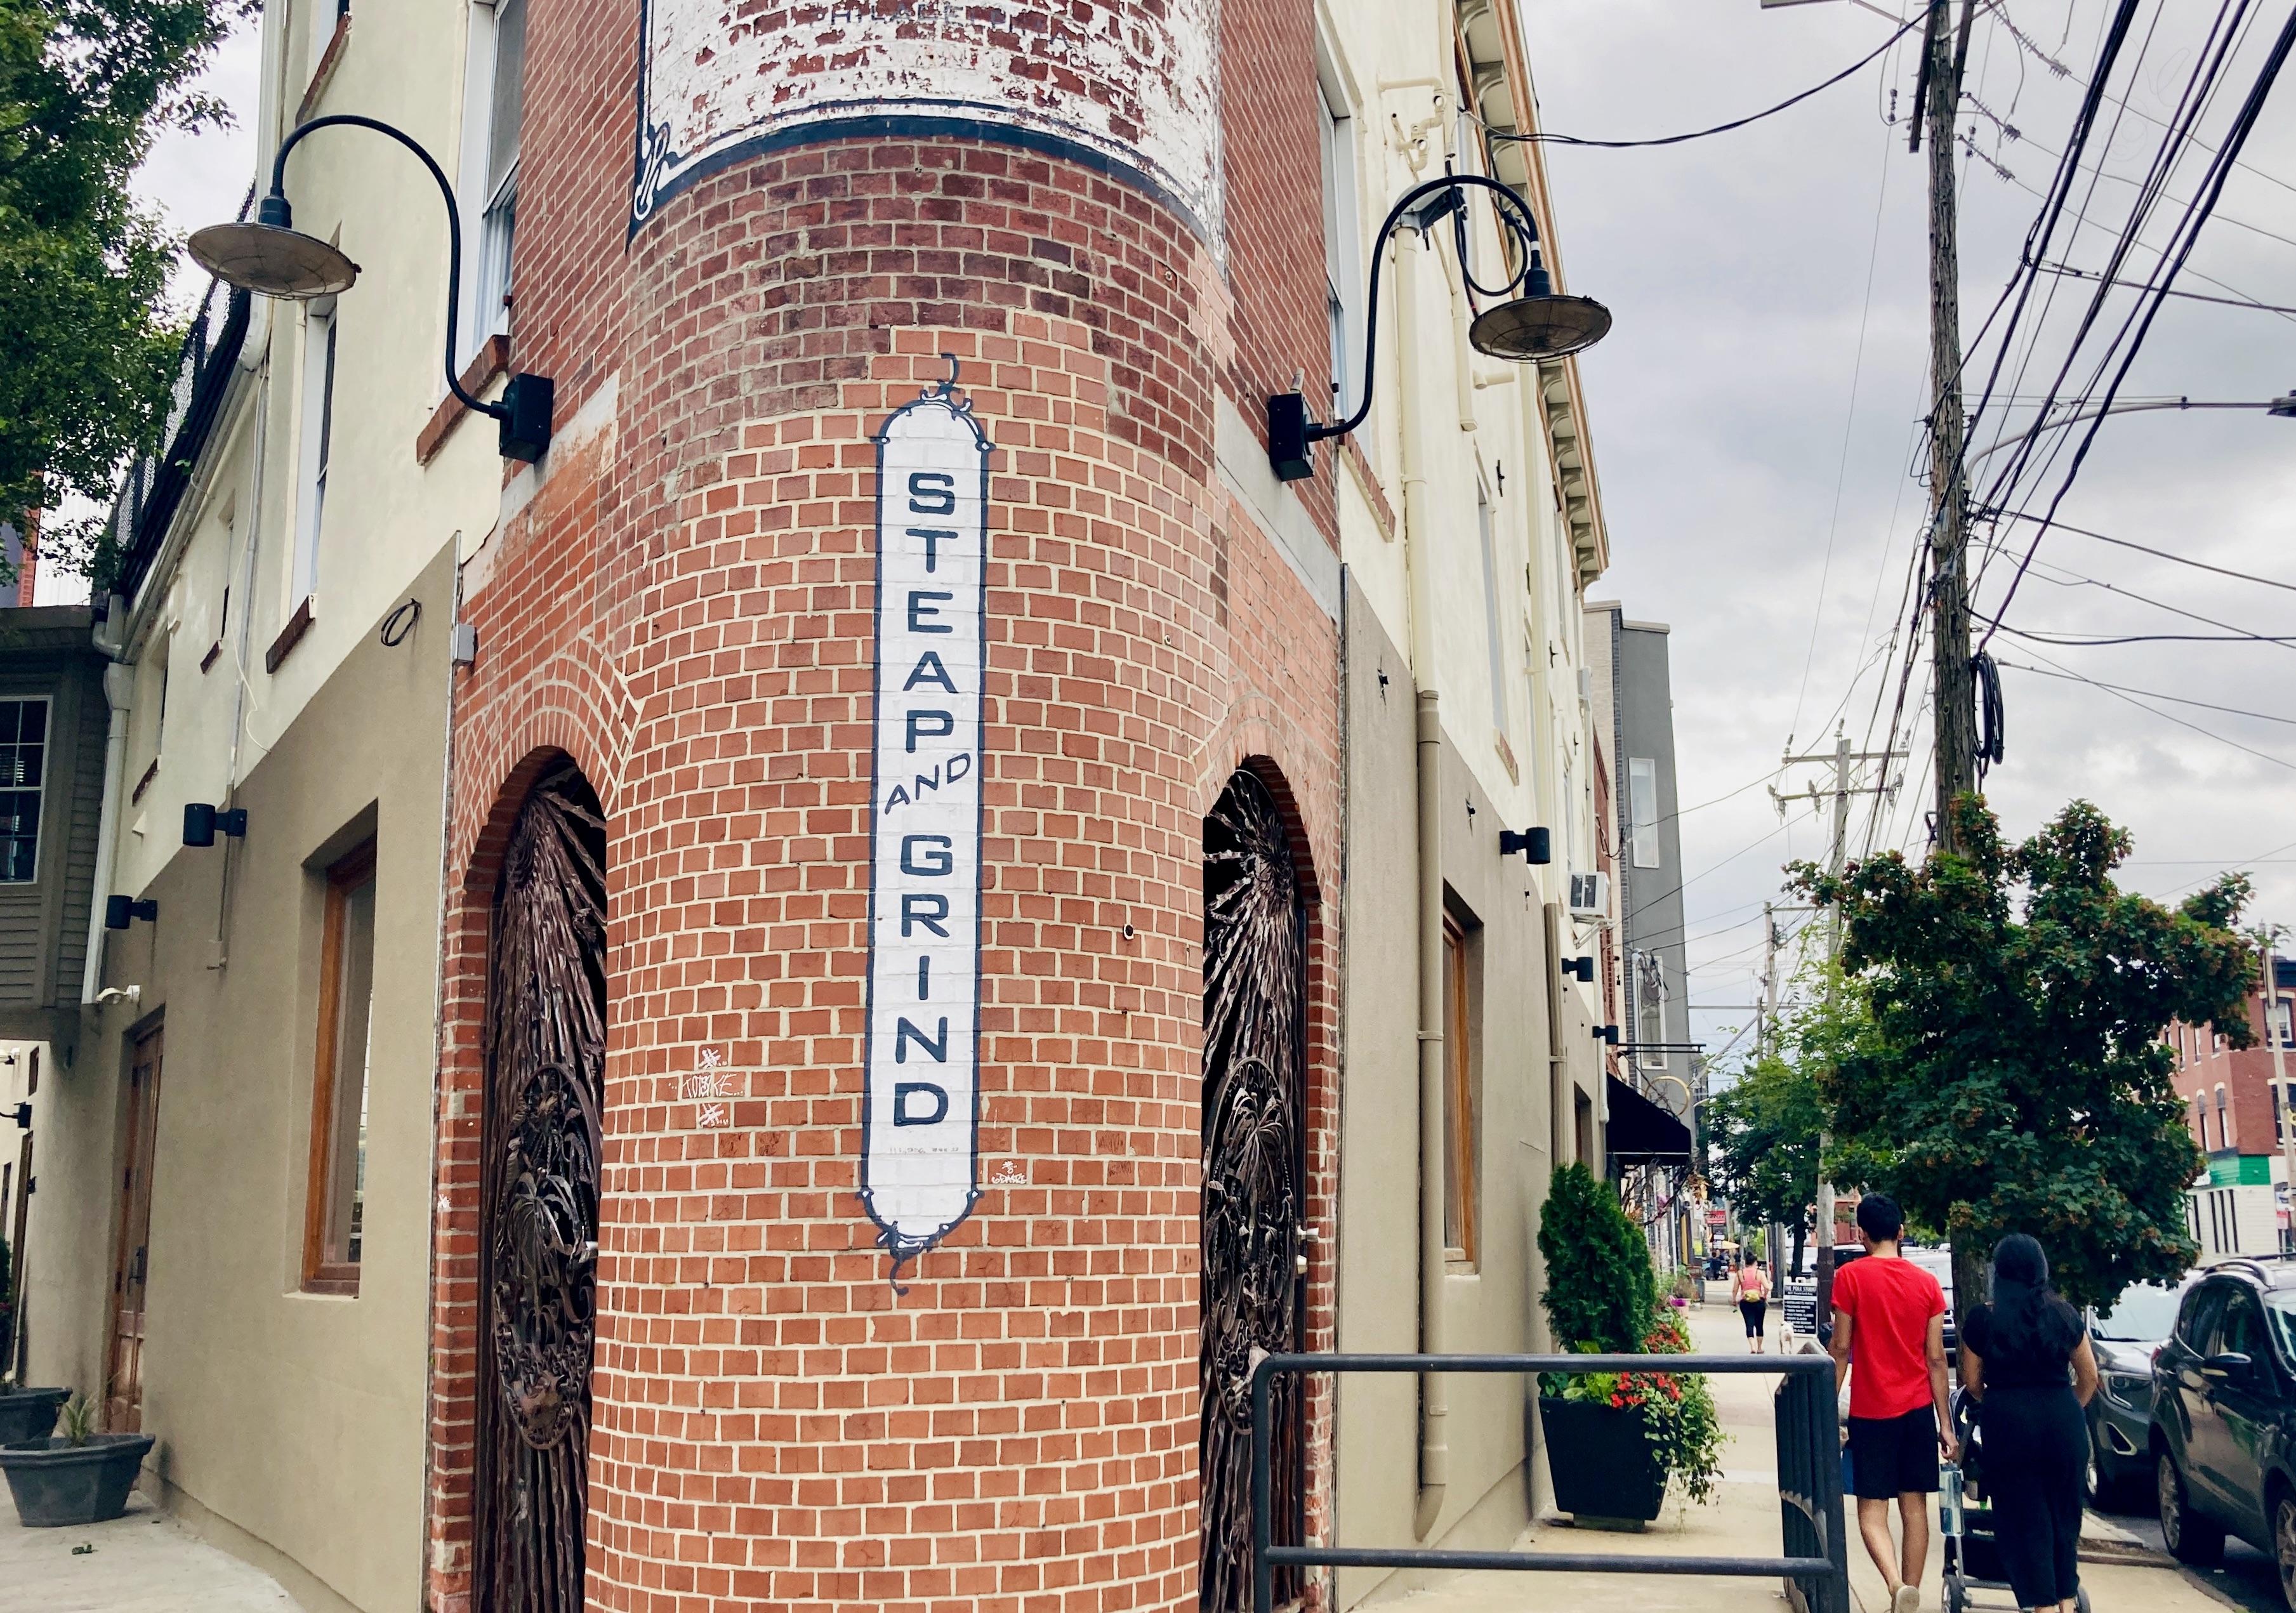 Steap and Grind Café on Frankford Ave, Fishtown